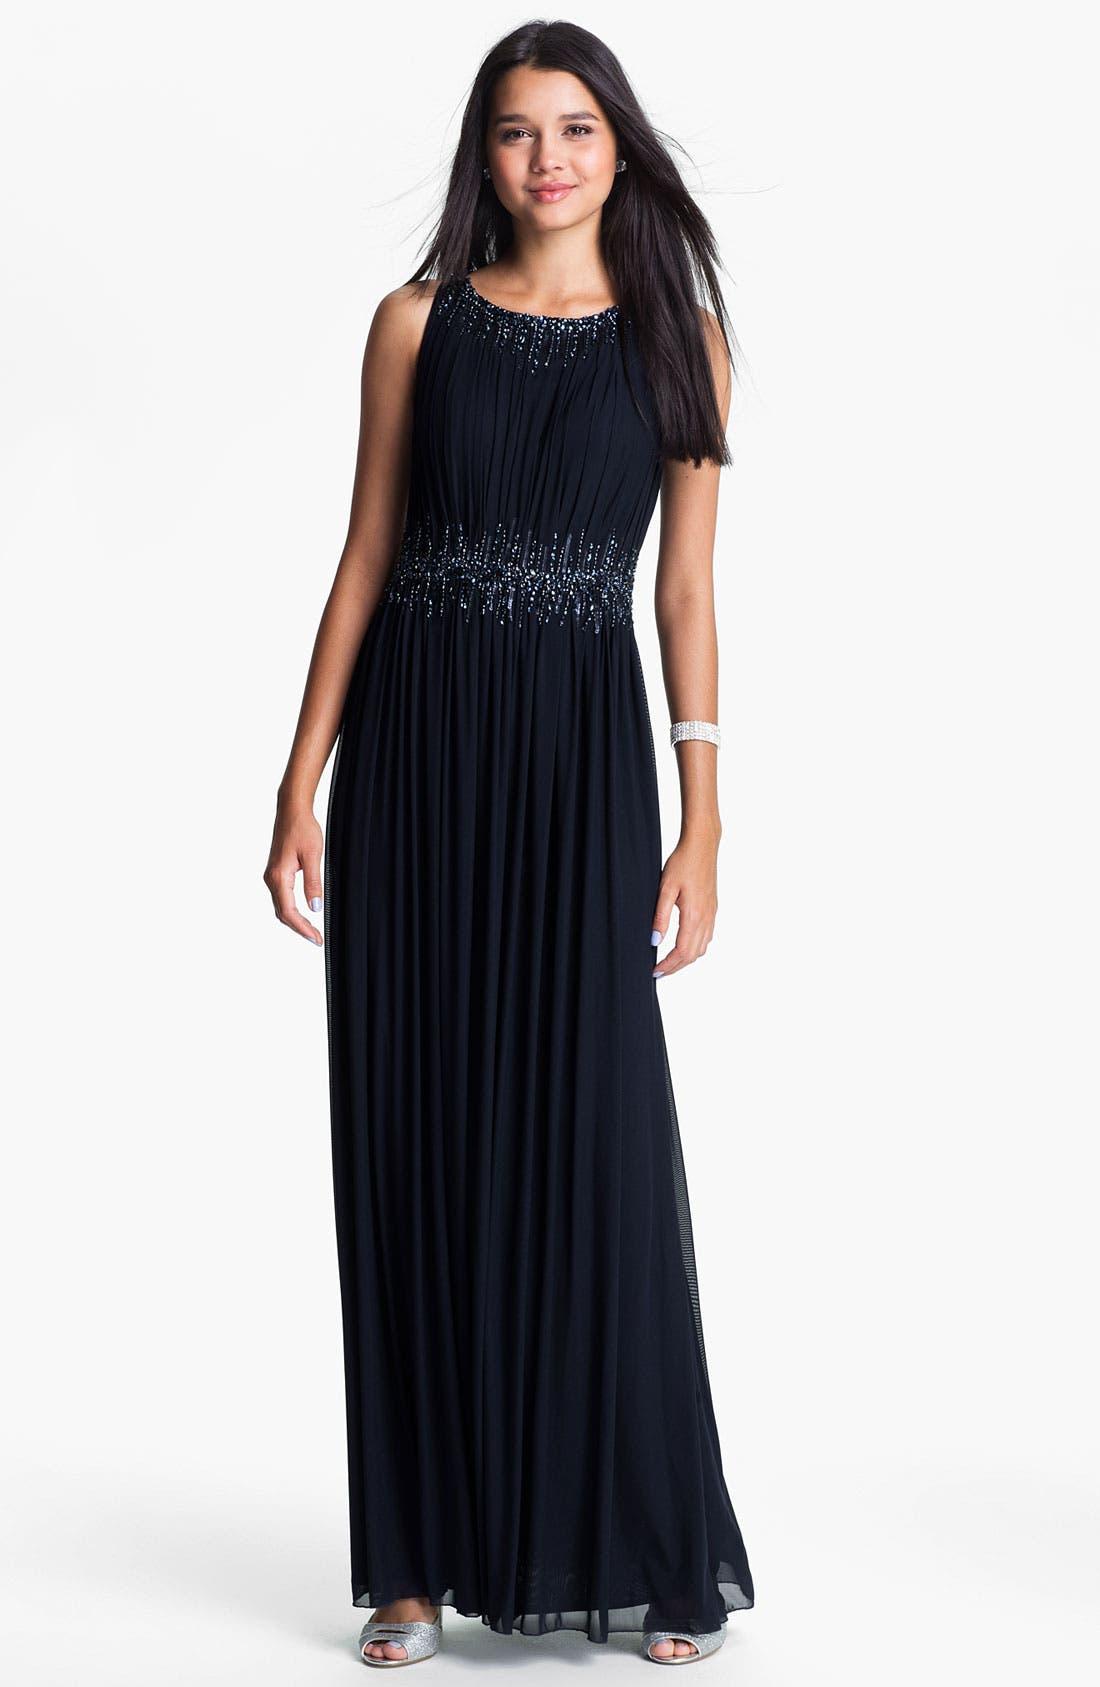 Alternate Image 1 Selected - La Femme Embellished Waist Mesh Column Gown